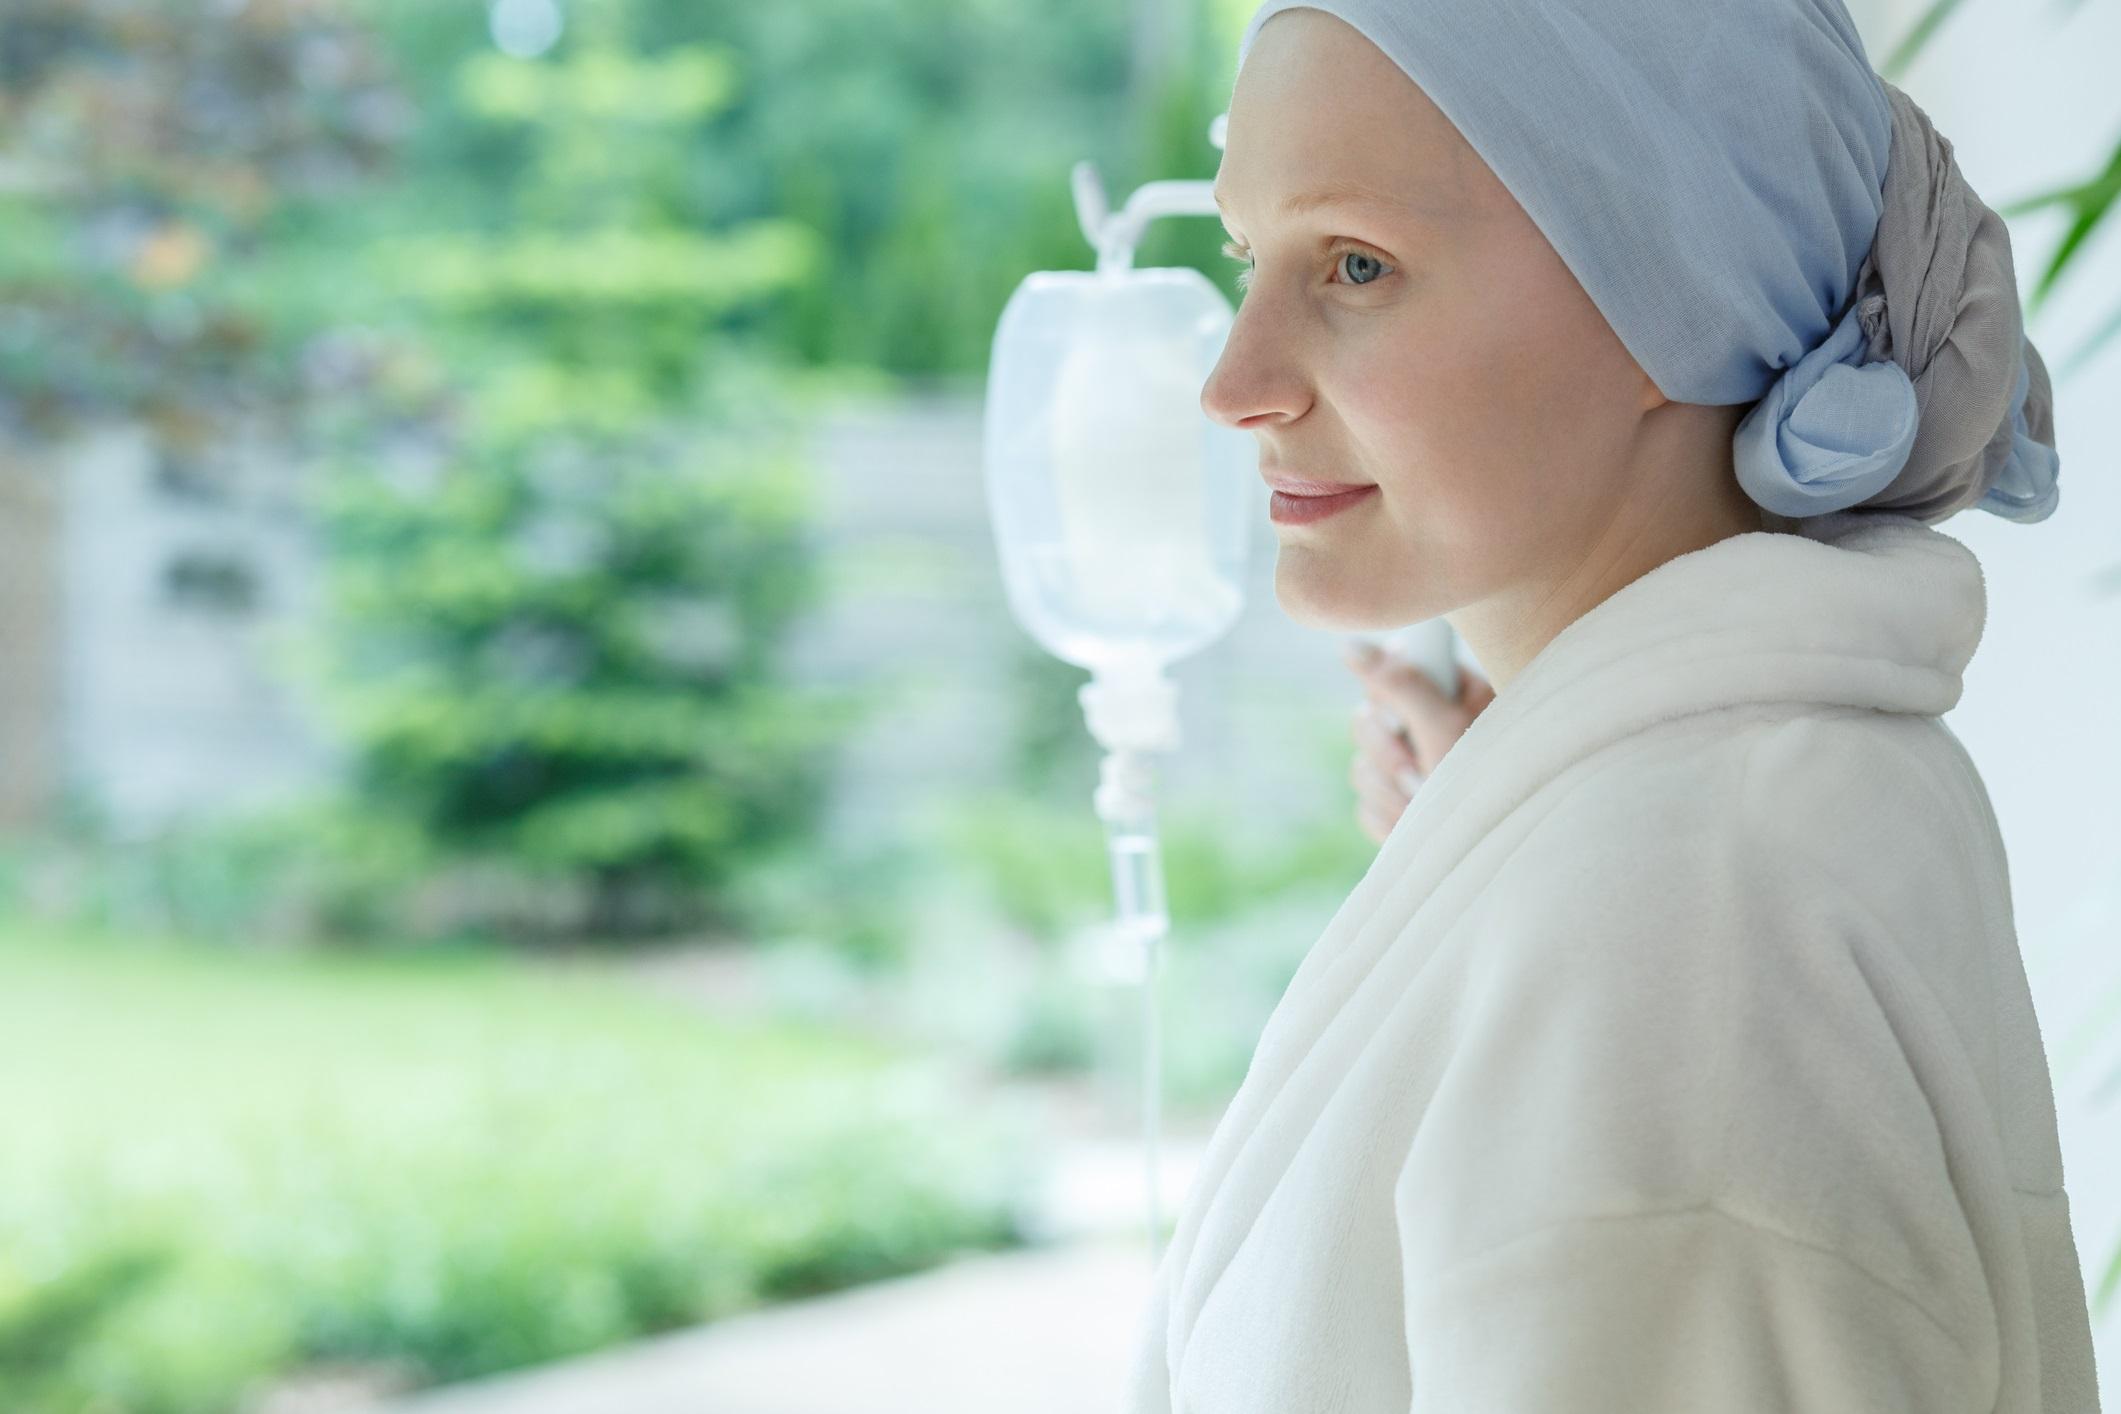 реабилитация после химиотерапии